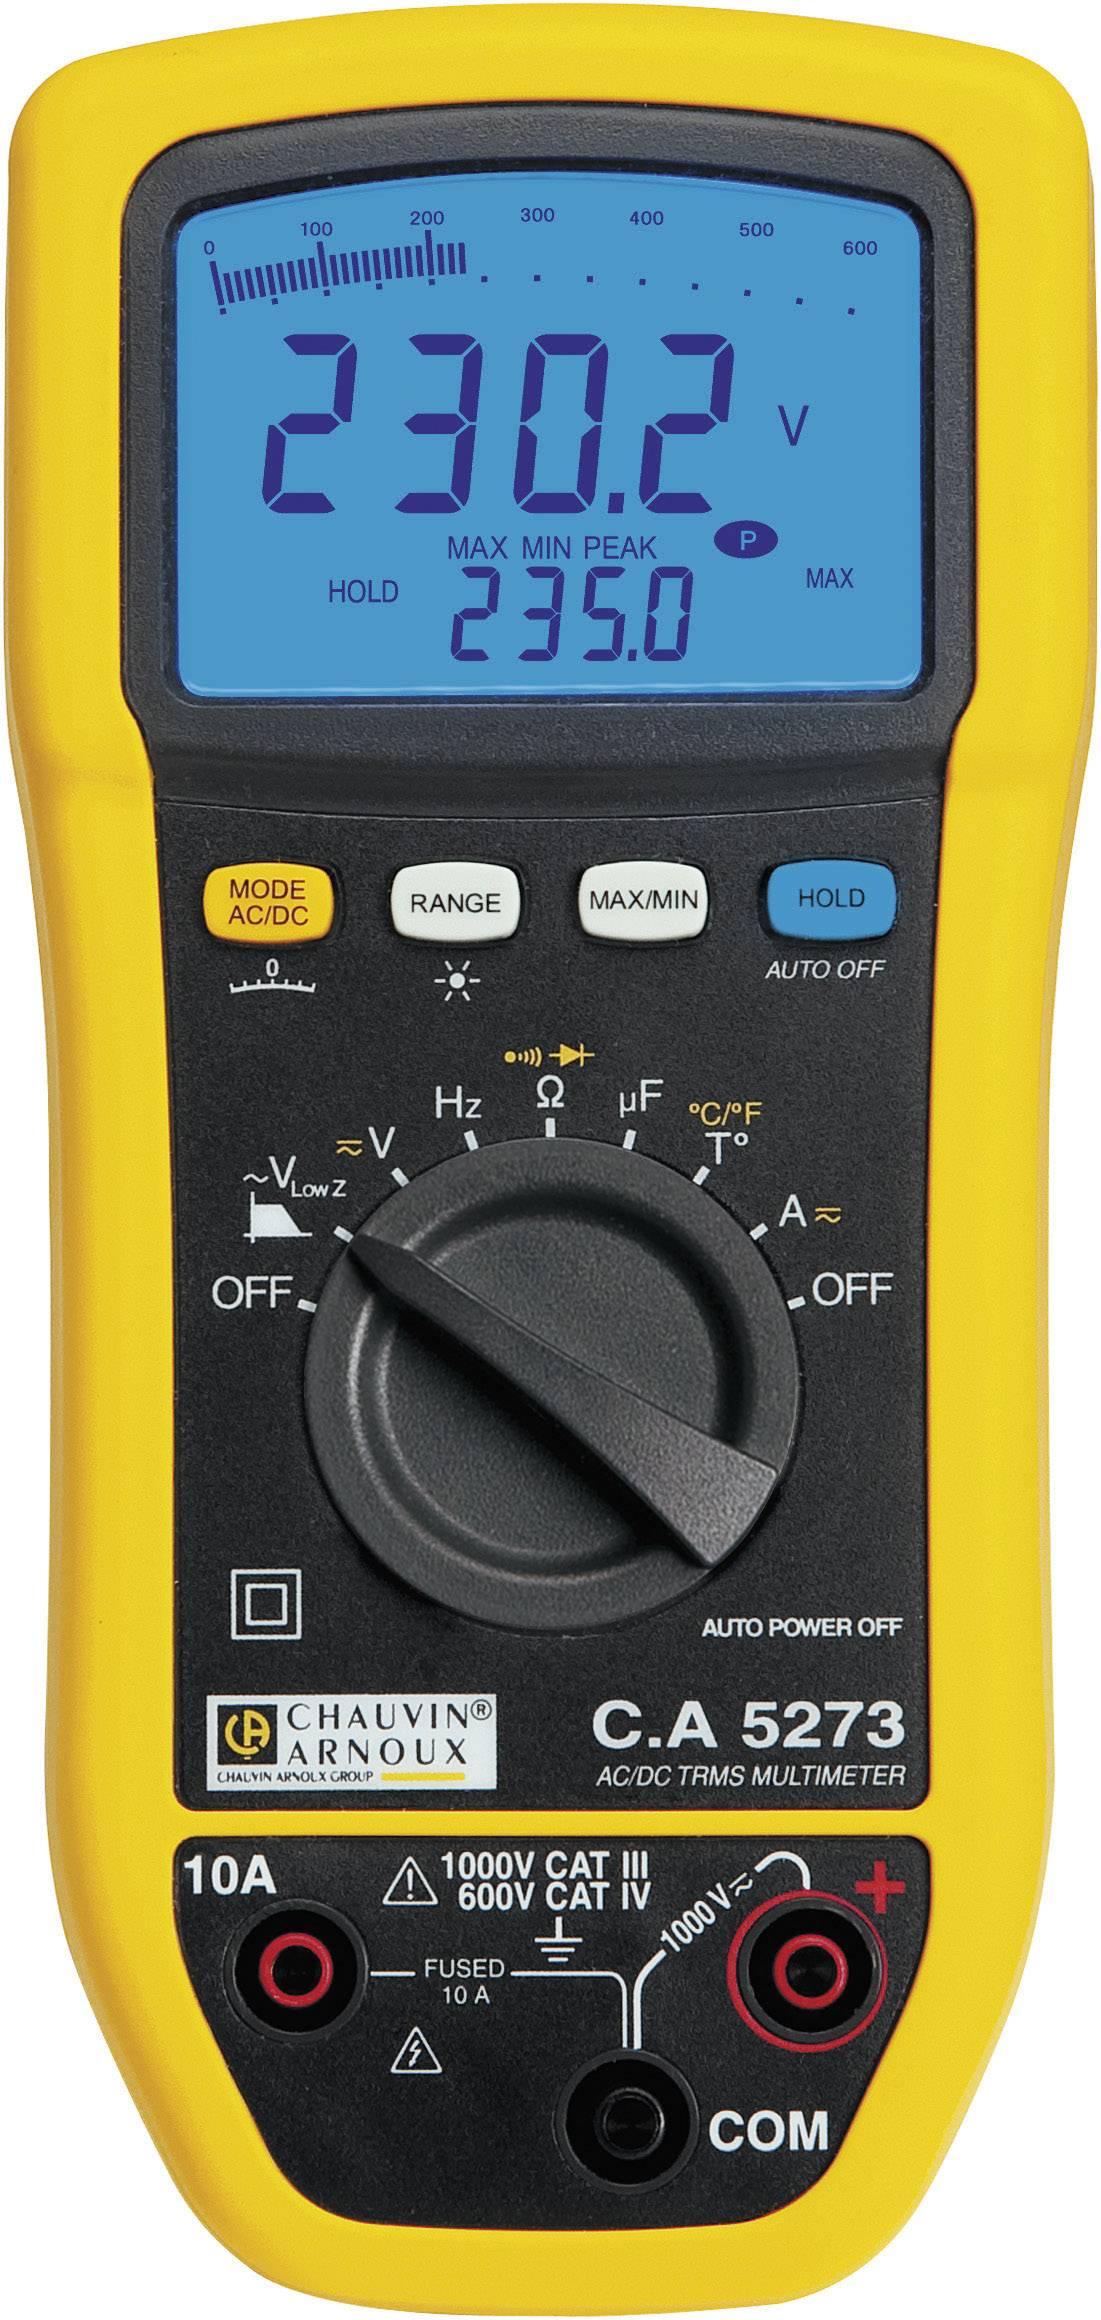 Digitální multimetr Chauvin Arnoux C.A 5273, ochrana proti stříkající vodě (IP54)